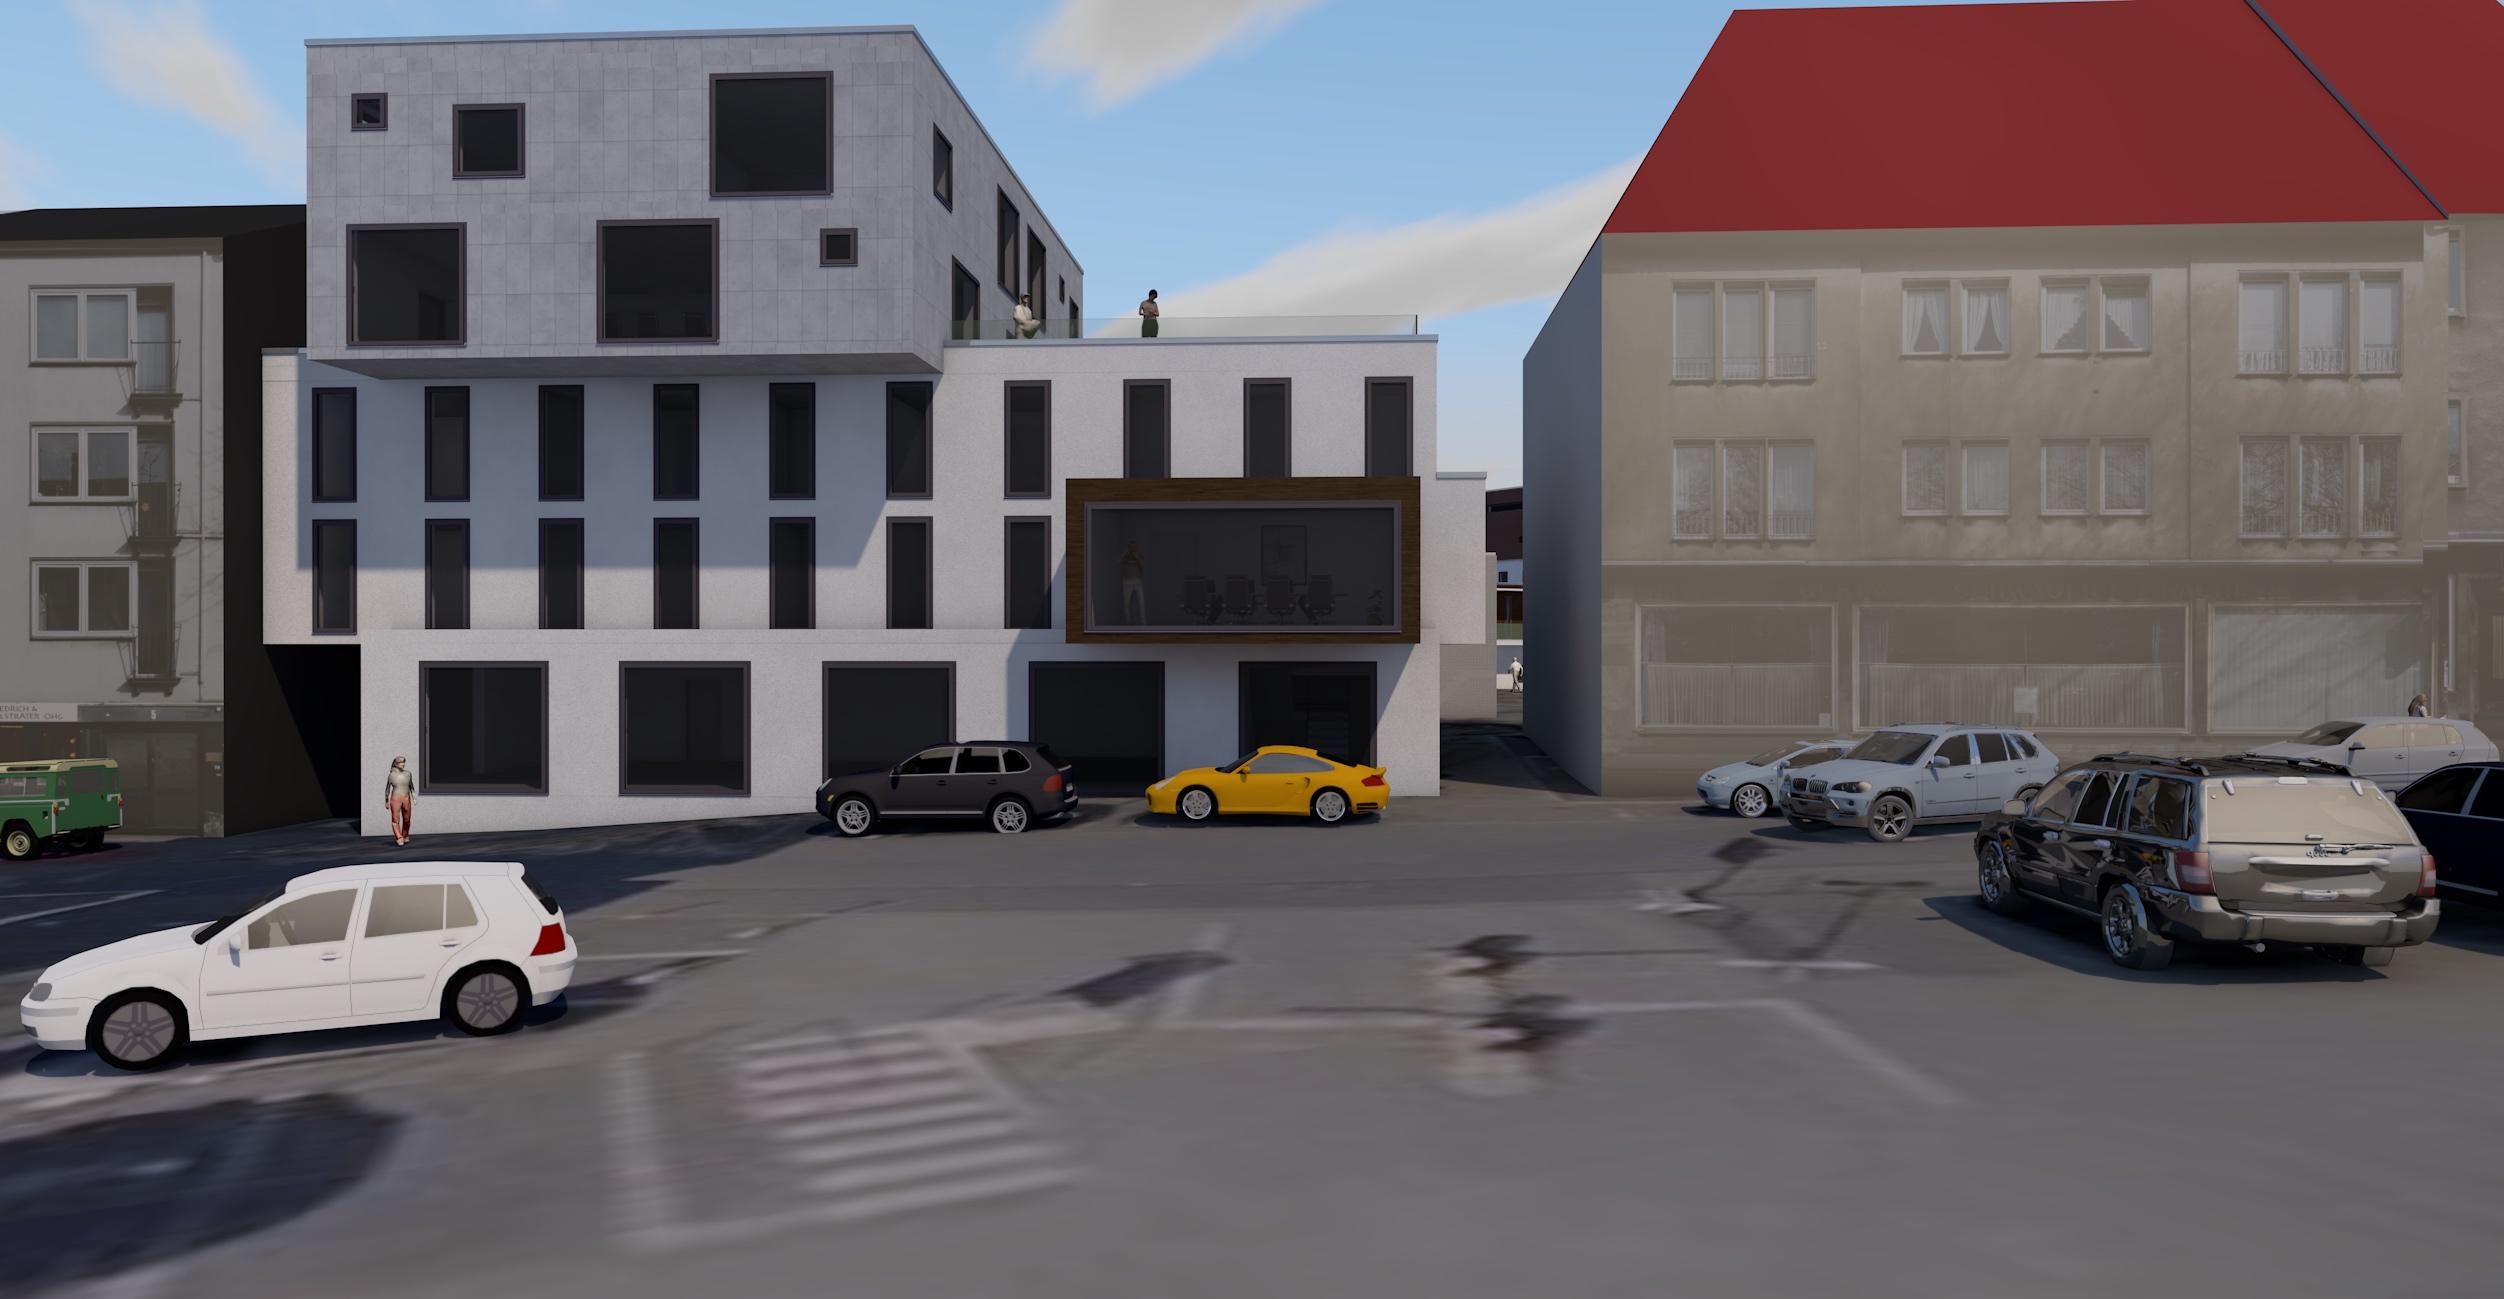 http://architektur-anders.de/wp-content/uploads/2018/06/Kreuzstr.-Bild-19-Kopie.jpg